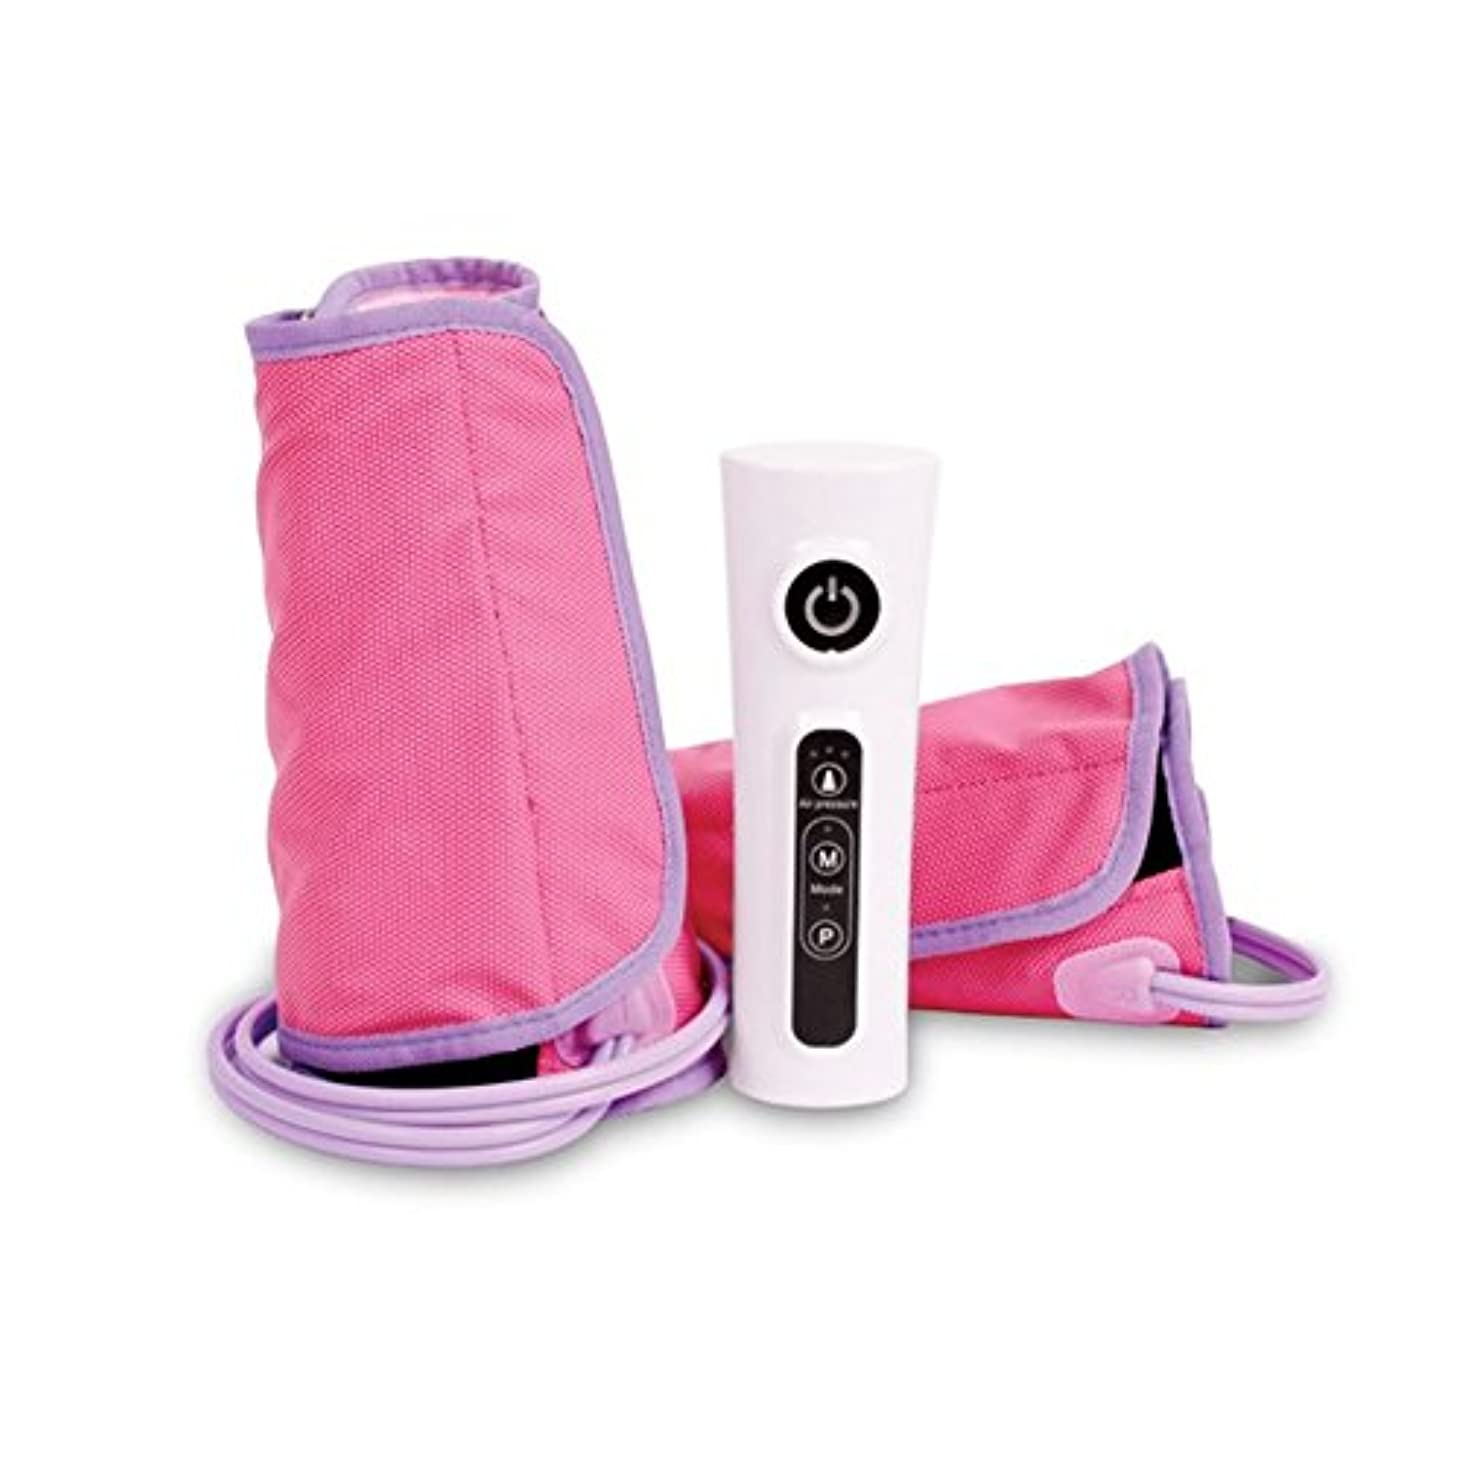 単調な寓話音声Zespa ZP418 Rechargeable Line slimming Air Compression calf Leg Arm Foot Massager 360 rotary air pressure massage...